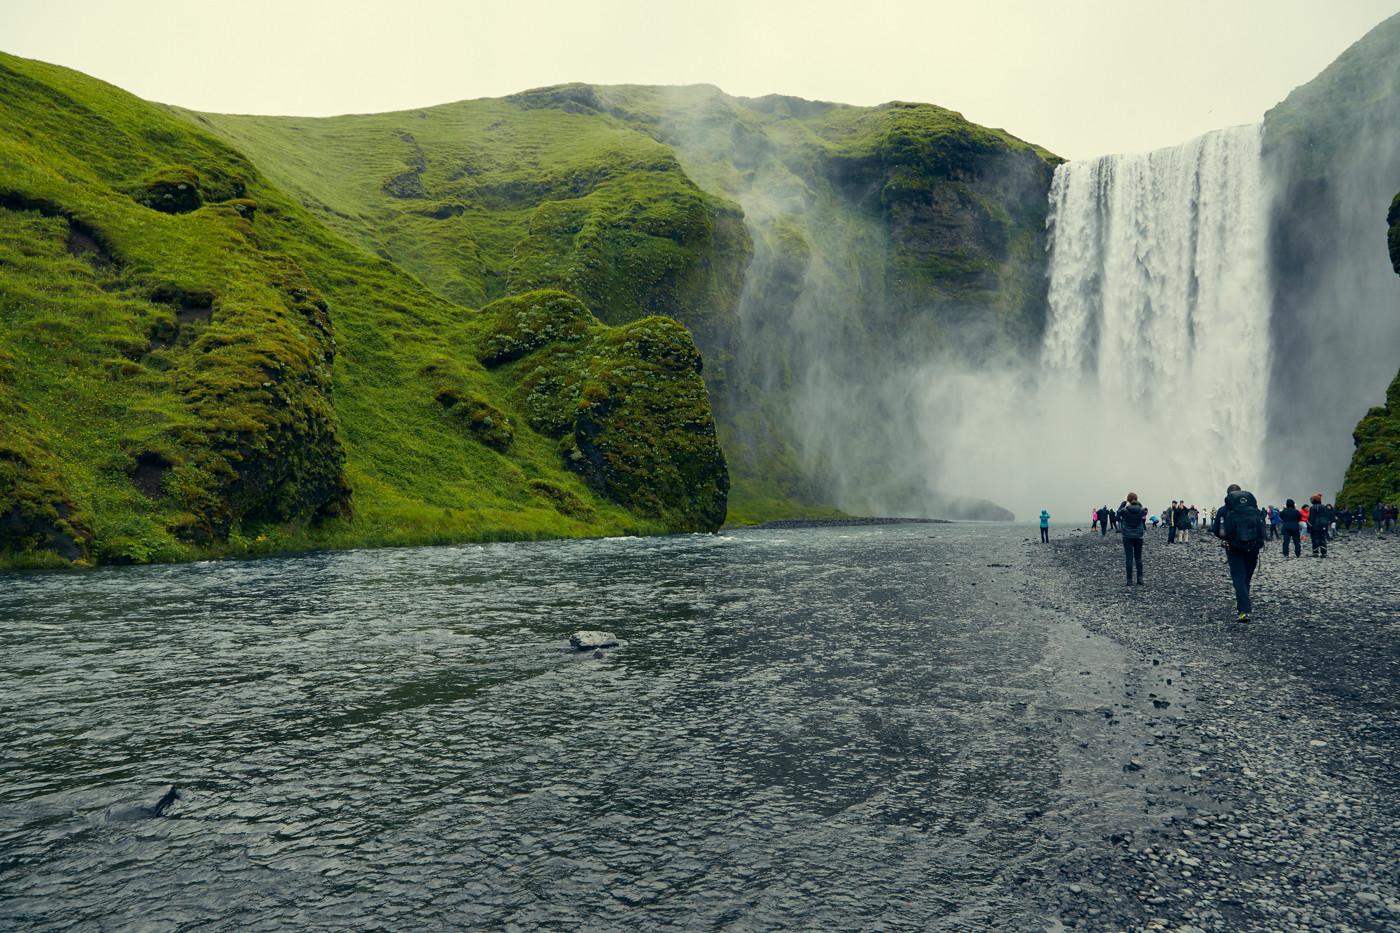 Skogafoss, Wasserfall, waterfall, Island, berühmt, famous, bucketlist, gigantisch, groß, viele Touristen, Roadtrip, Rundreise, Miles and Shores, Umgebung, Reiseblogger